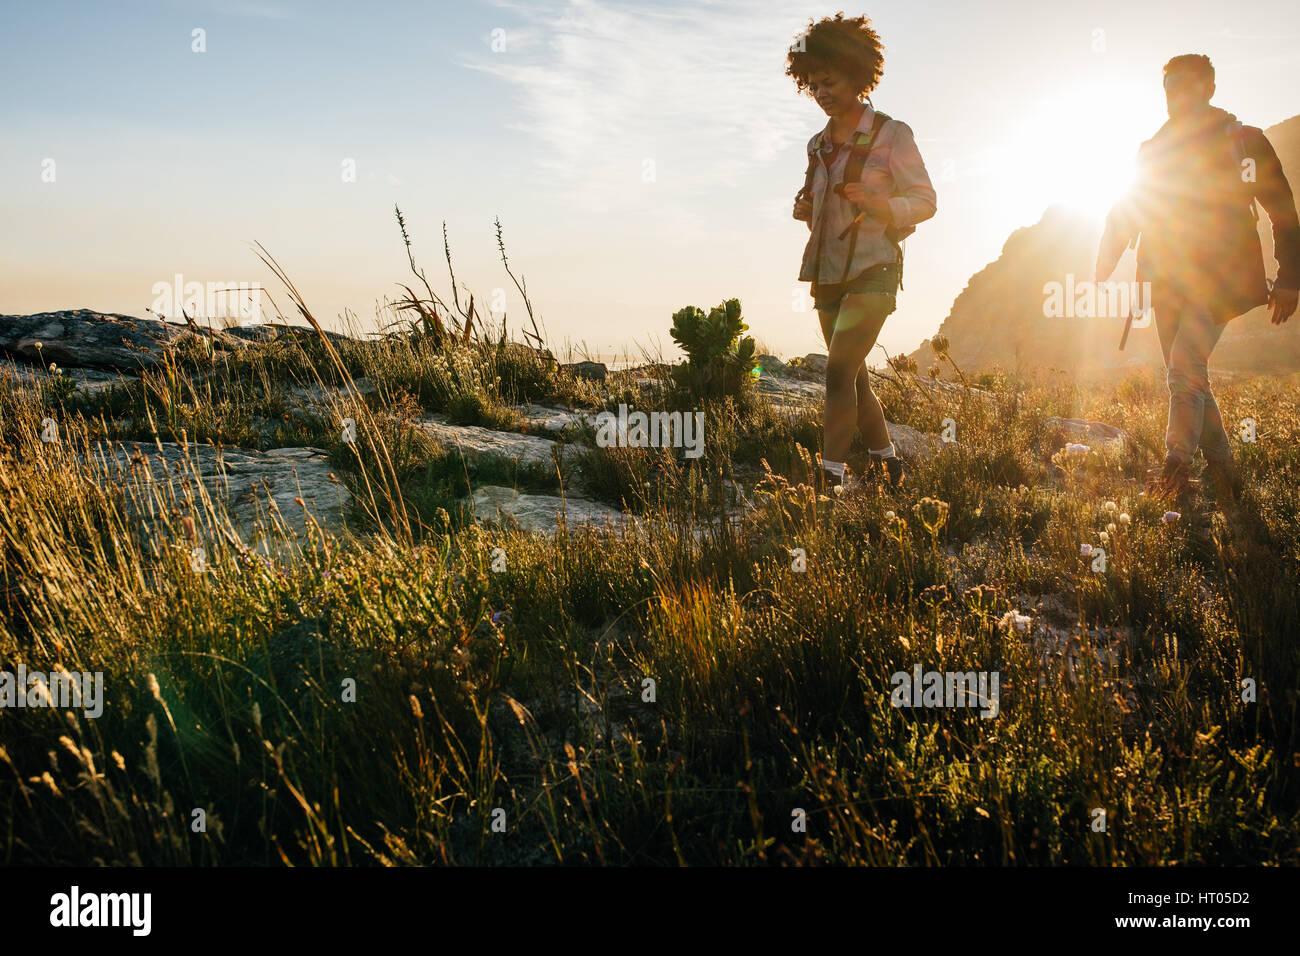 Amigos de paseo por la campiña juntos. Hombre y mujer joven senderismo en un día de verano. Imagen De Stock